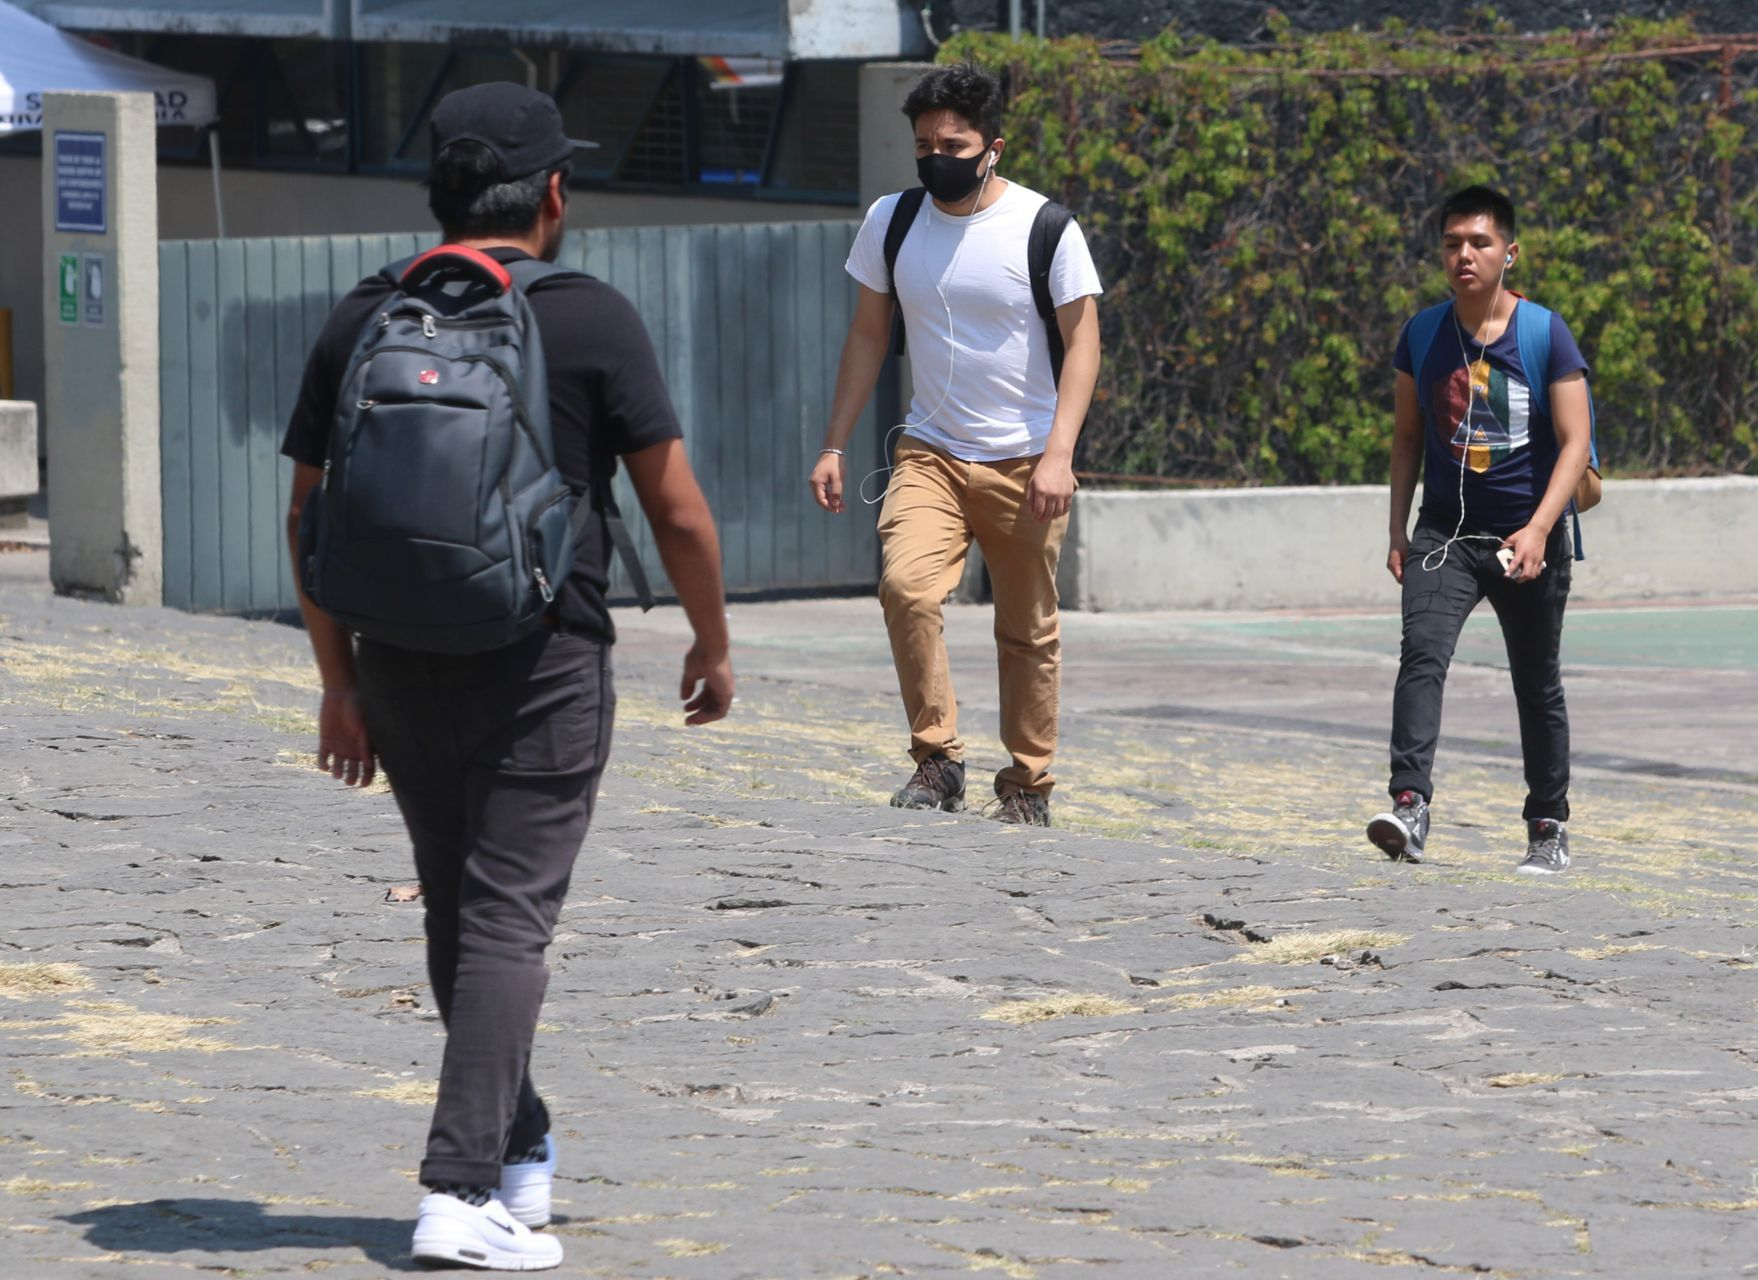 UNAM tendrá clases presenciales… sólo si se logran 3 semanas consecutivas de semáforo verde